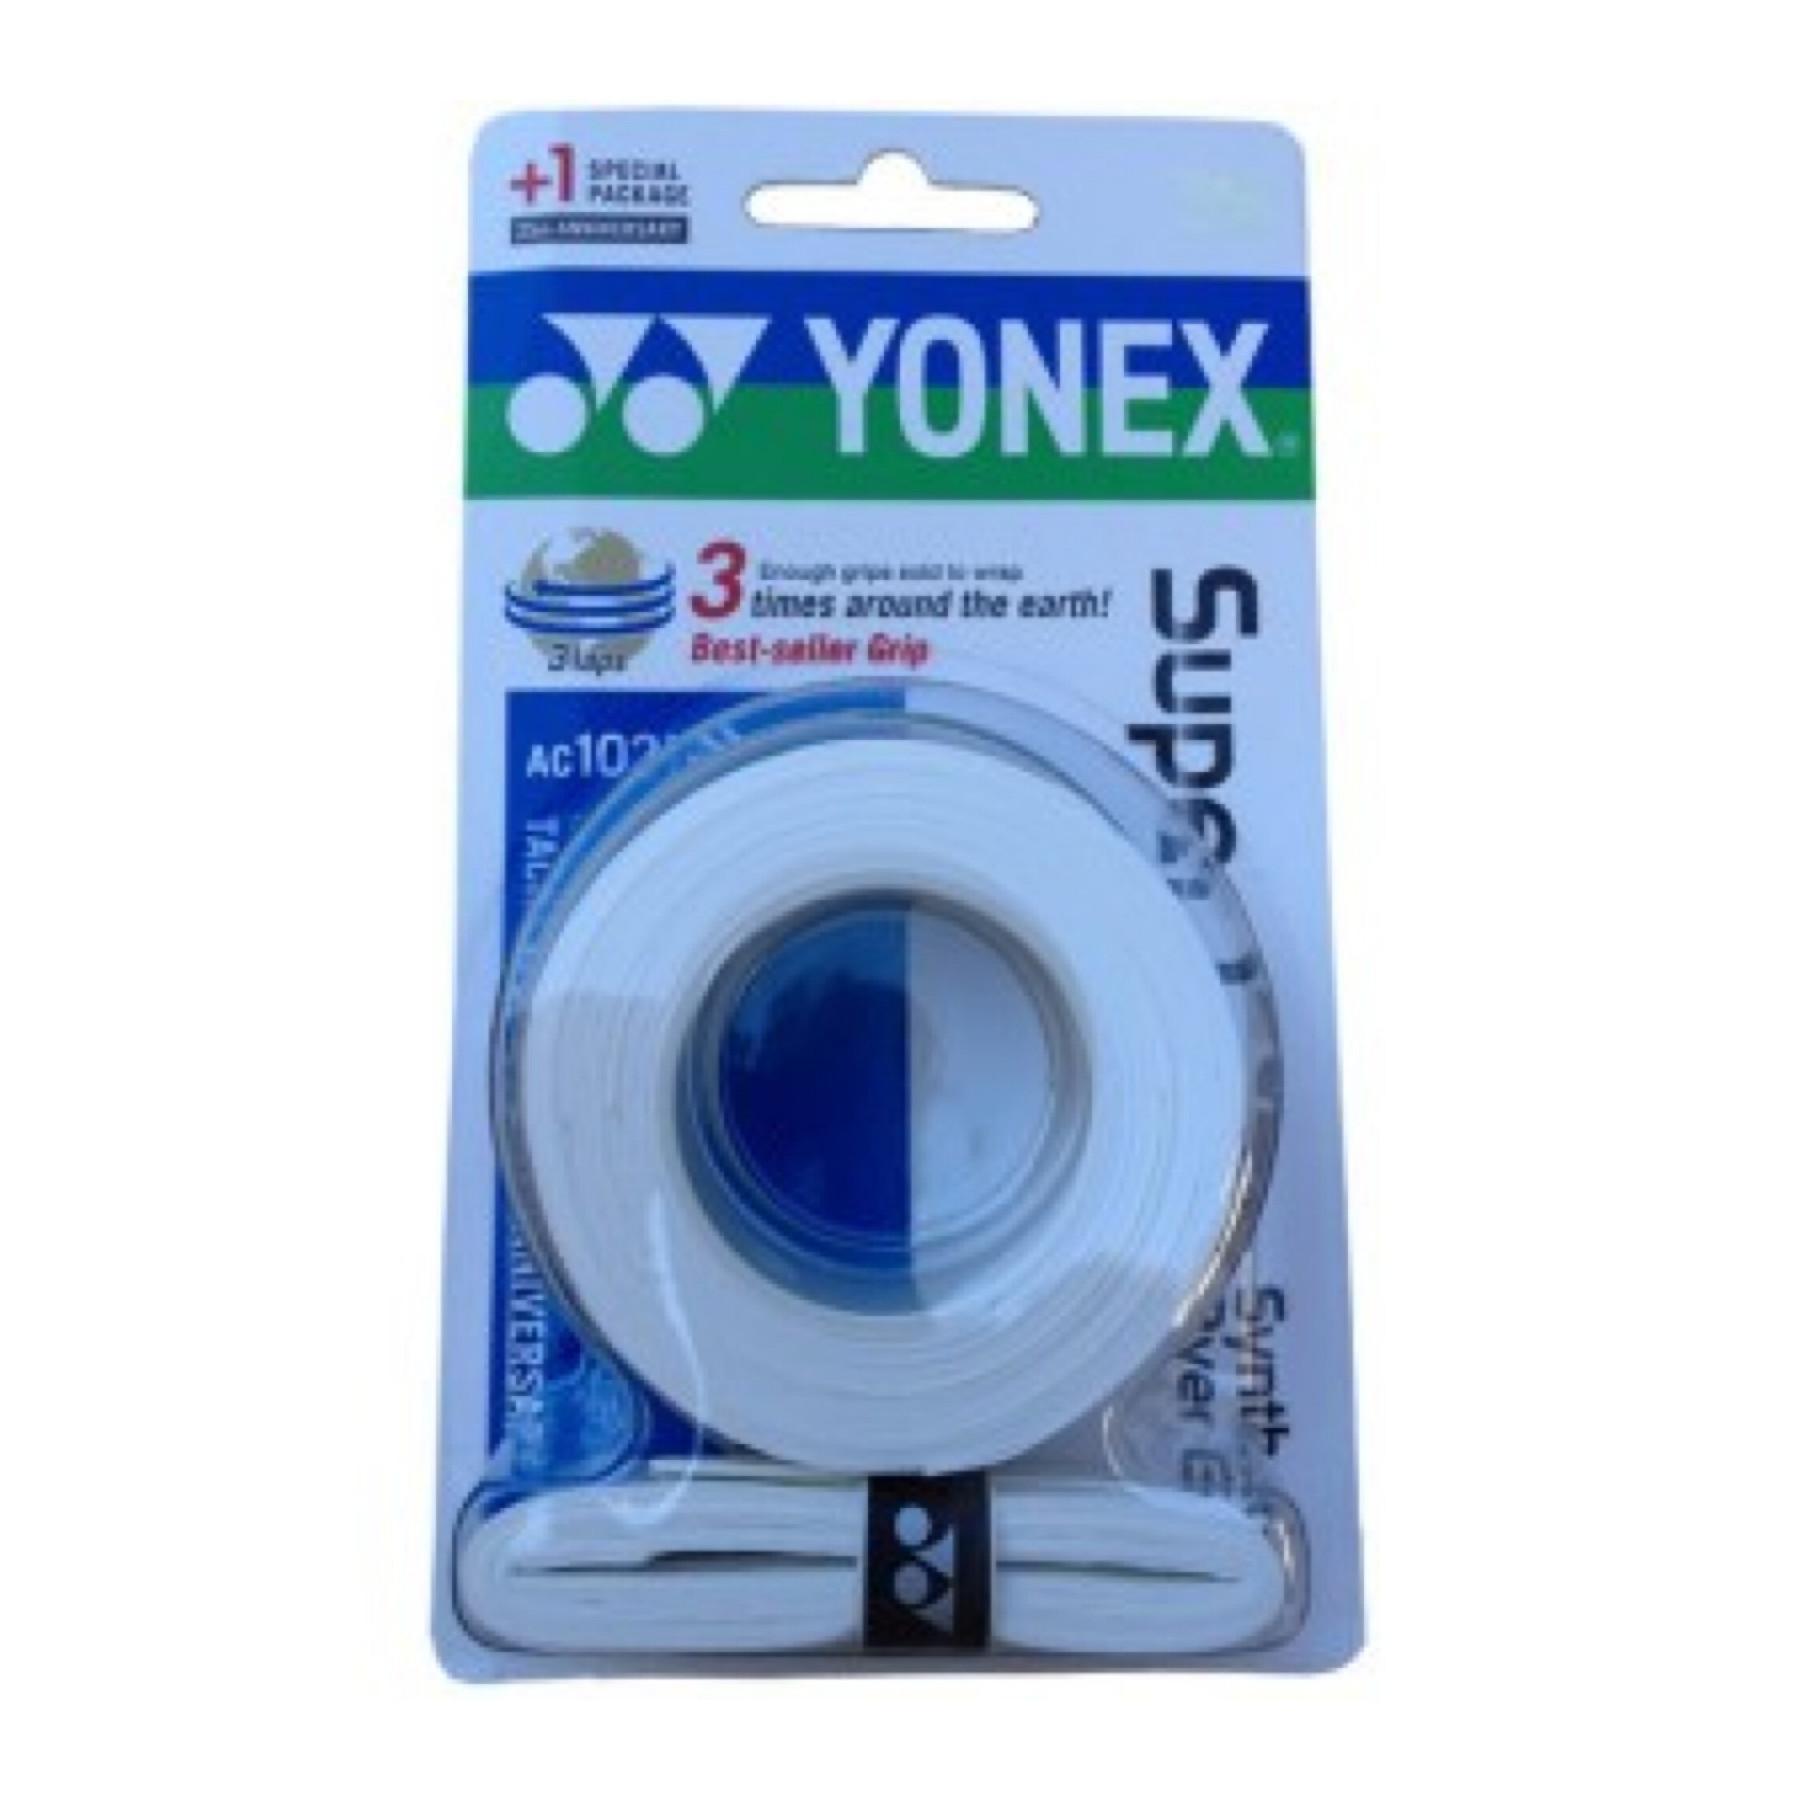 Surgrips Yonex ac102ex-36